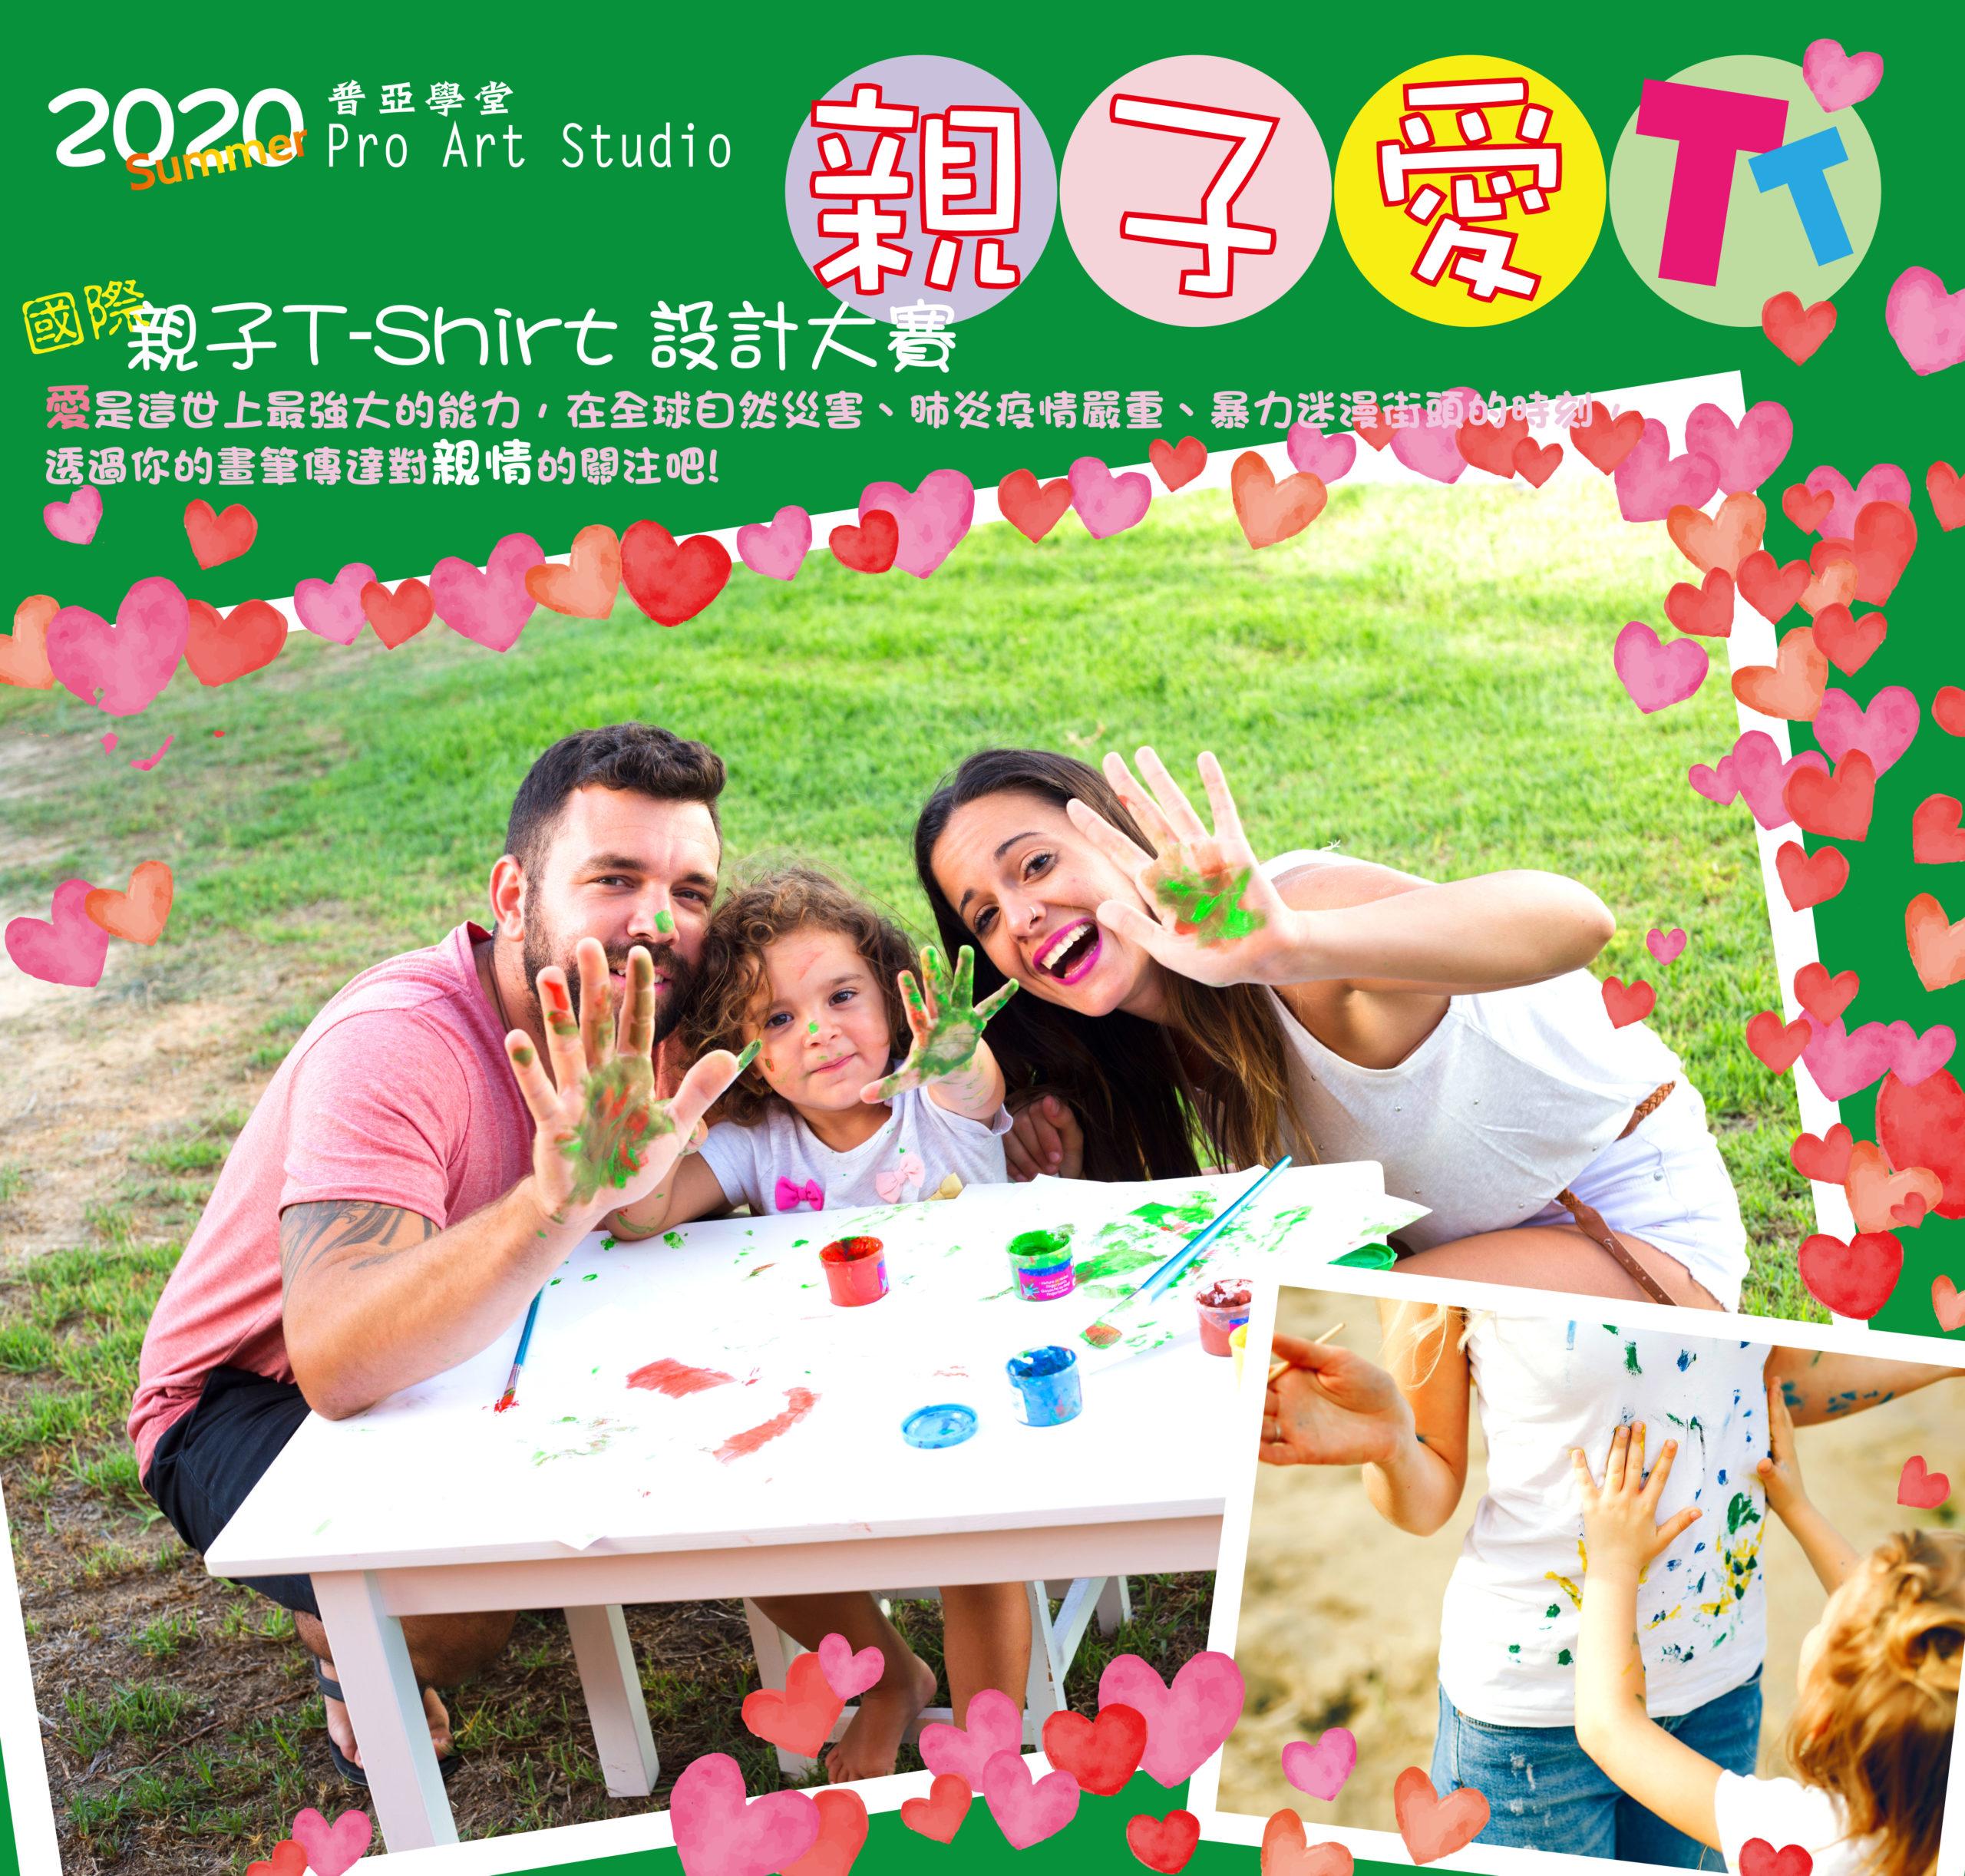 2020國際親子 T-Shirt 設計大賽